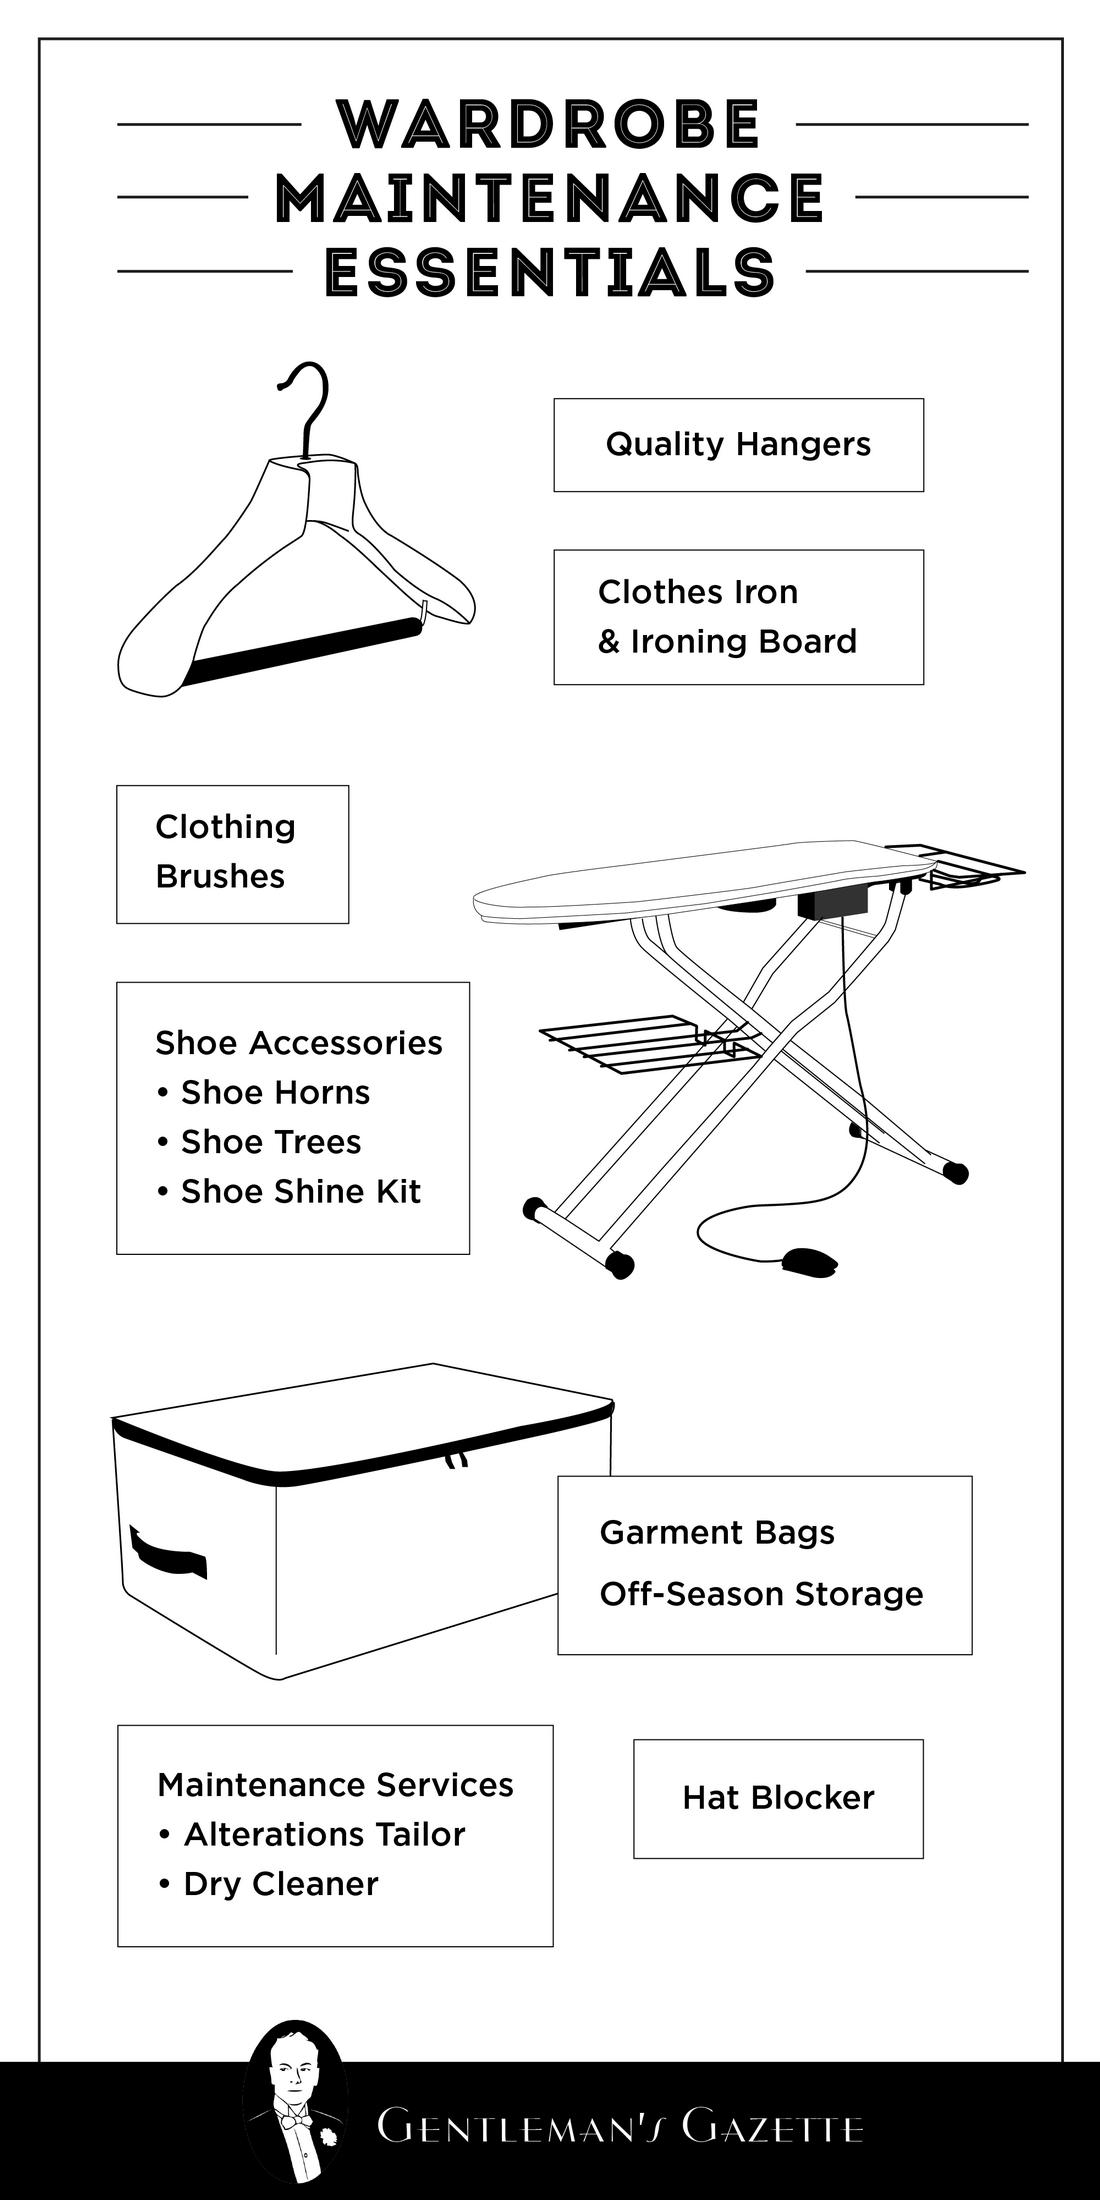 Wardrobe Maintenance Essentials